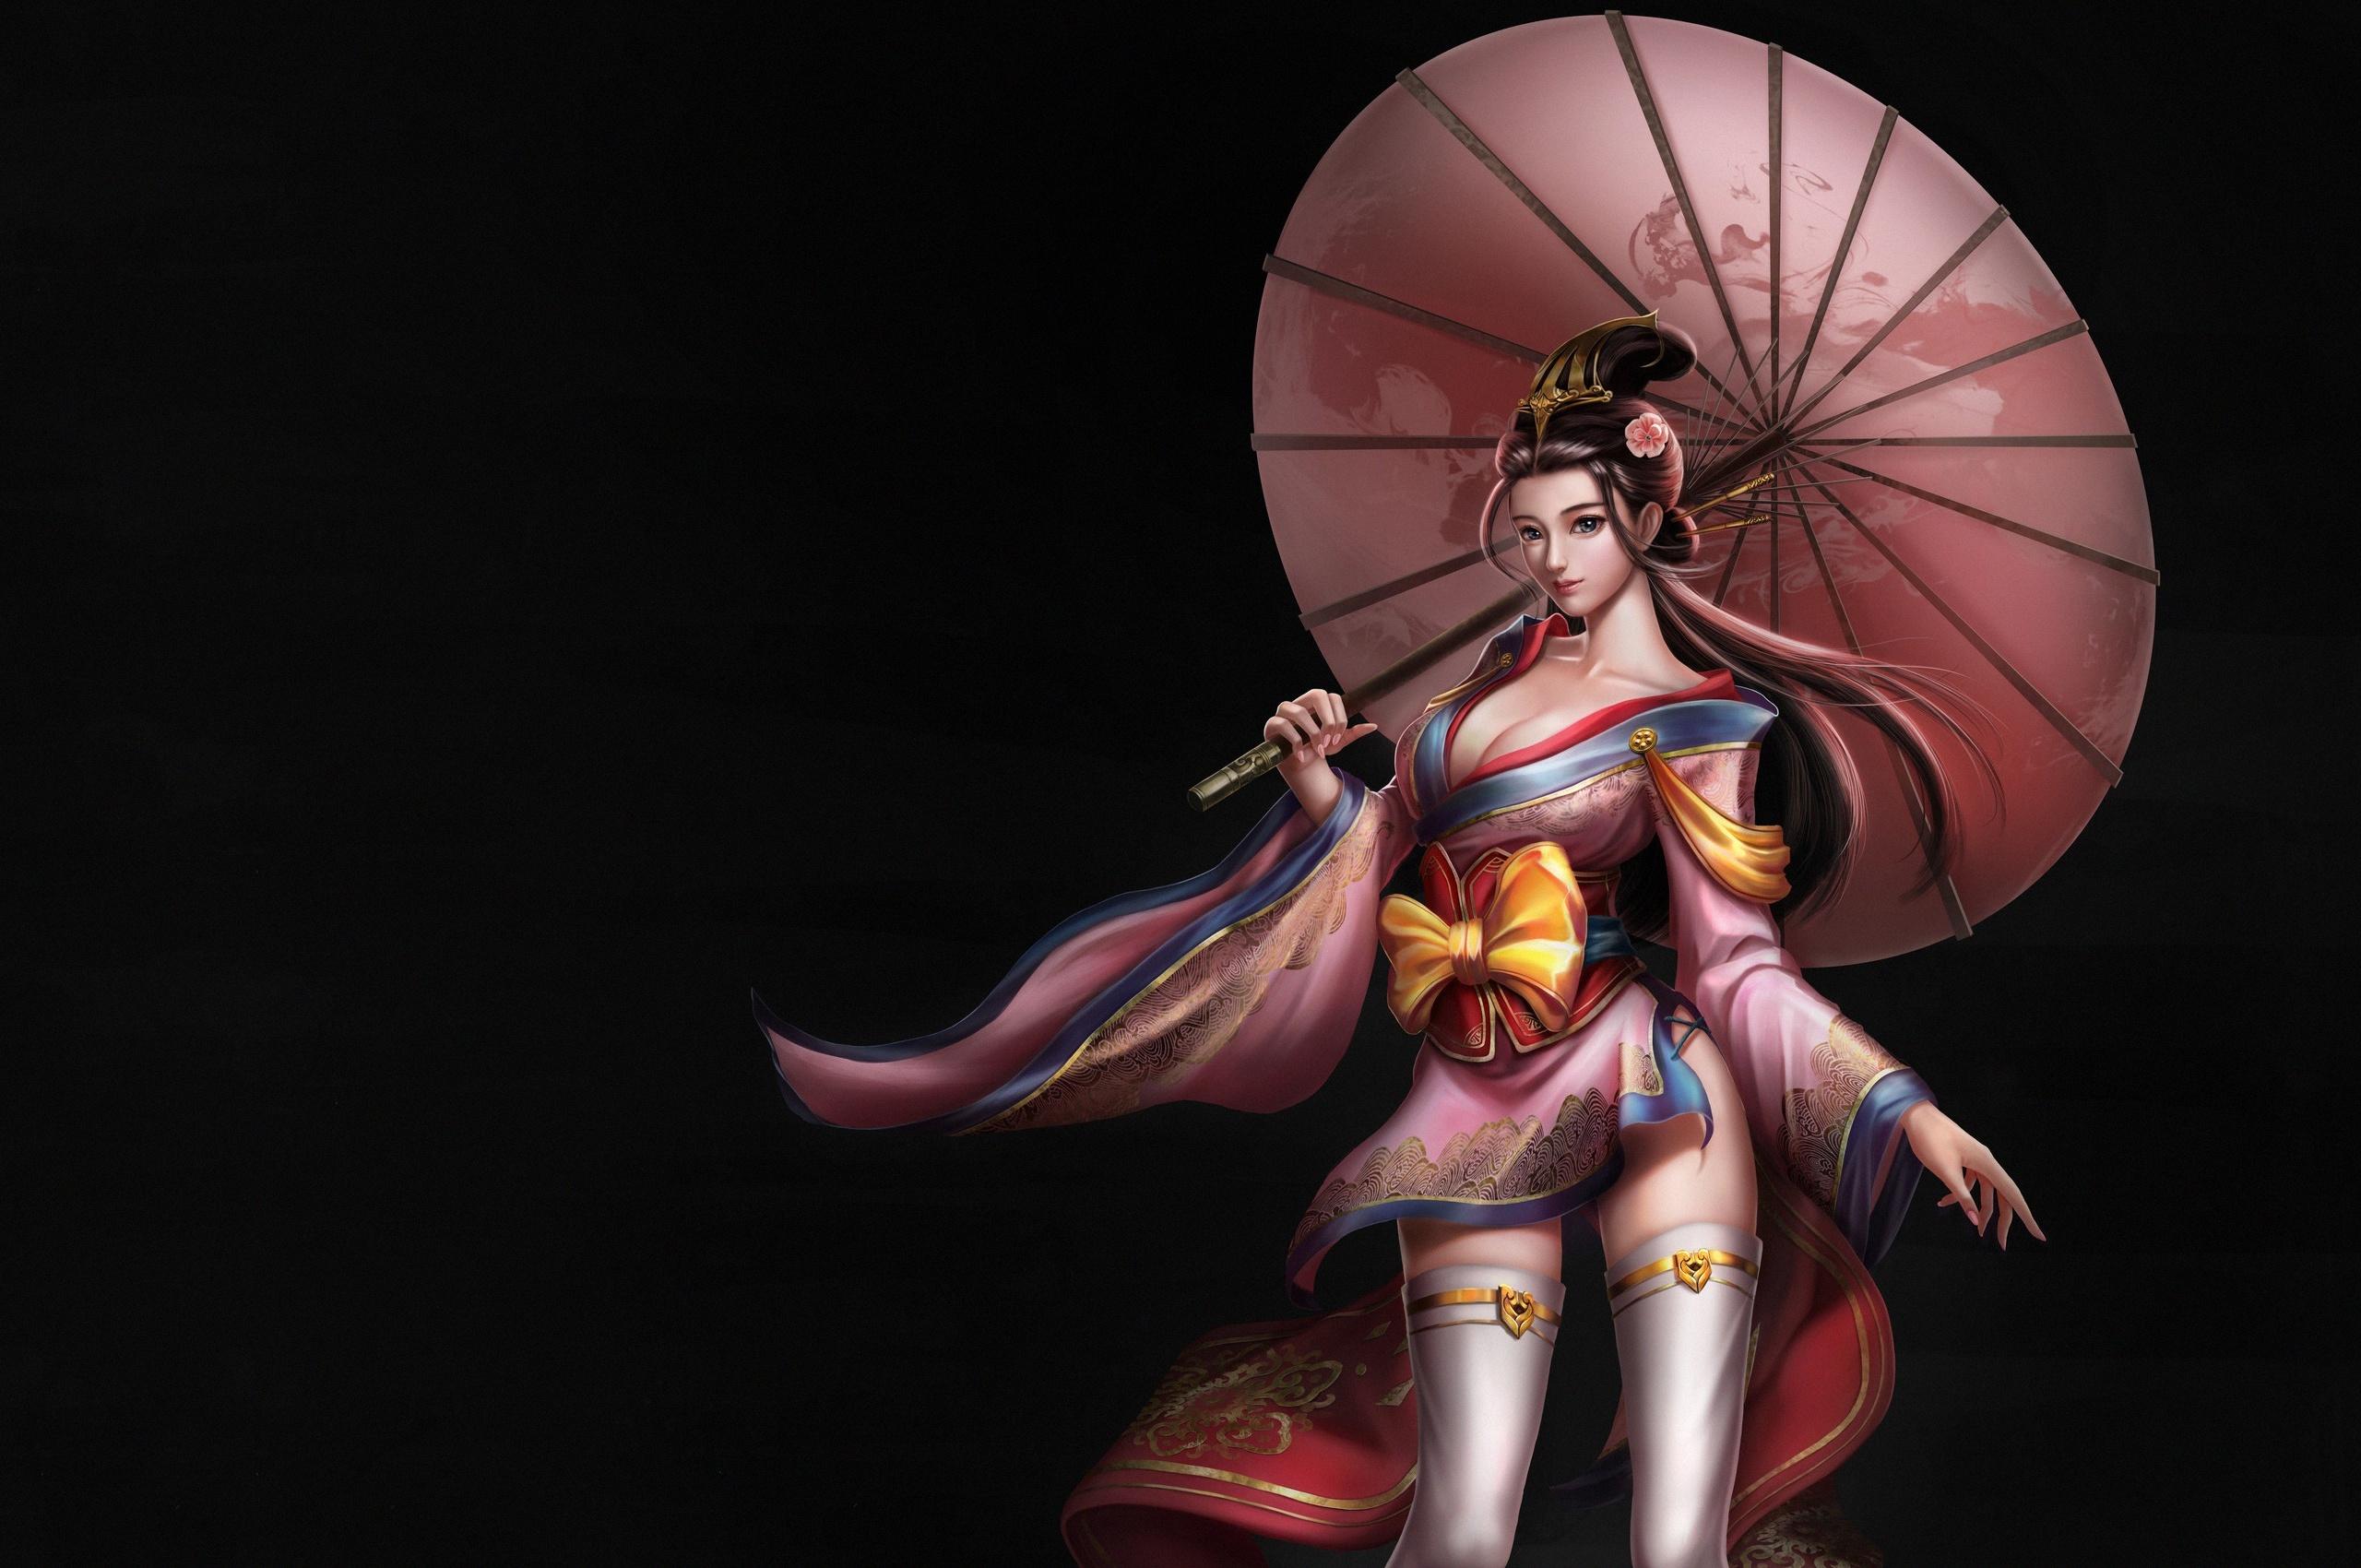 asian-girl-umbrella-fantasy-art-4k-xv.jpg